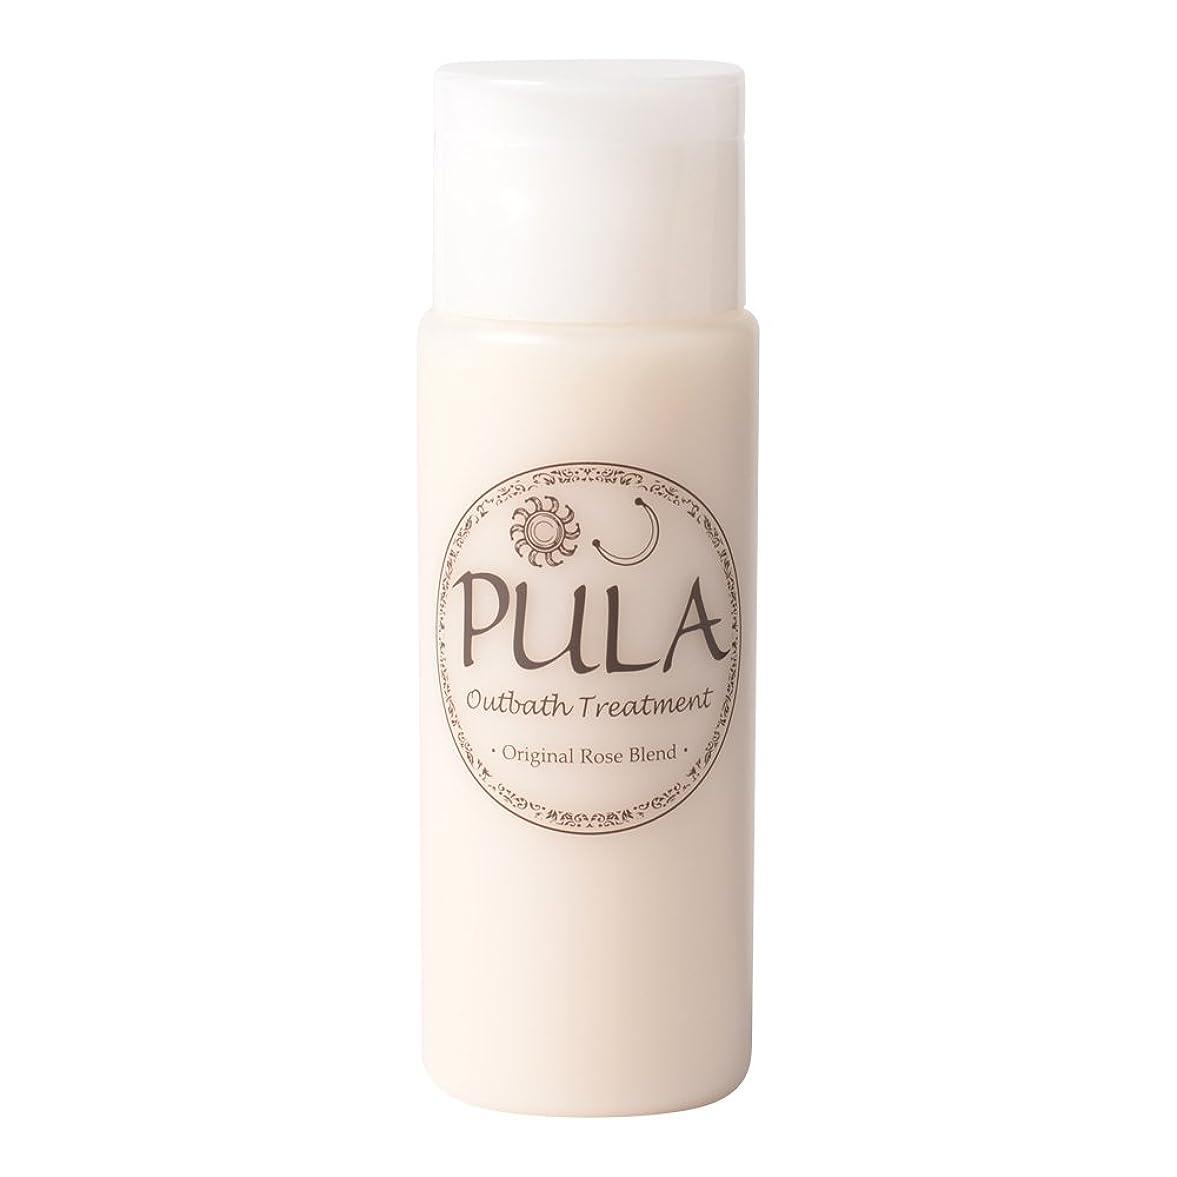 ガウンタバコボタンプーラ アウトバストリートメント 150mL 【ローズの香り】洗い流さないタイプのトリートメント  ヘッドスパ専門店 PULA